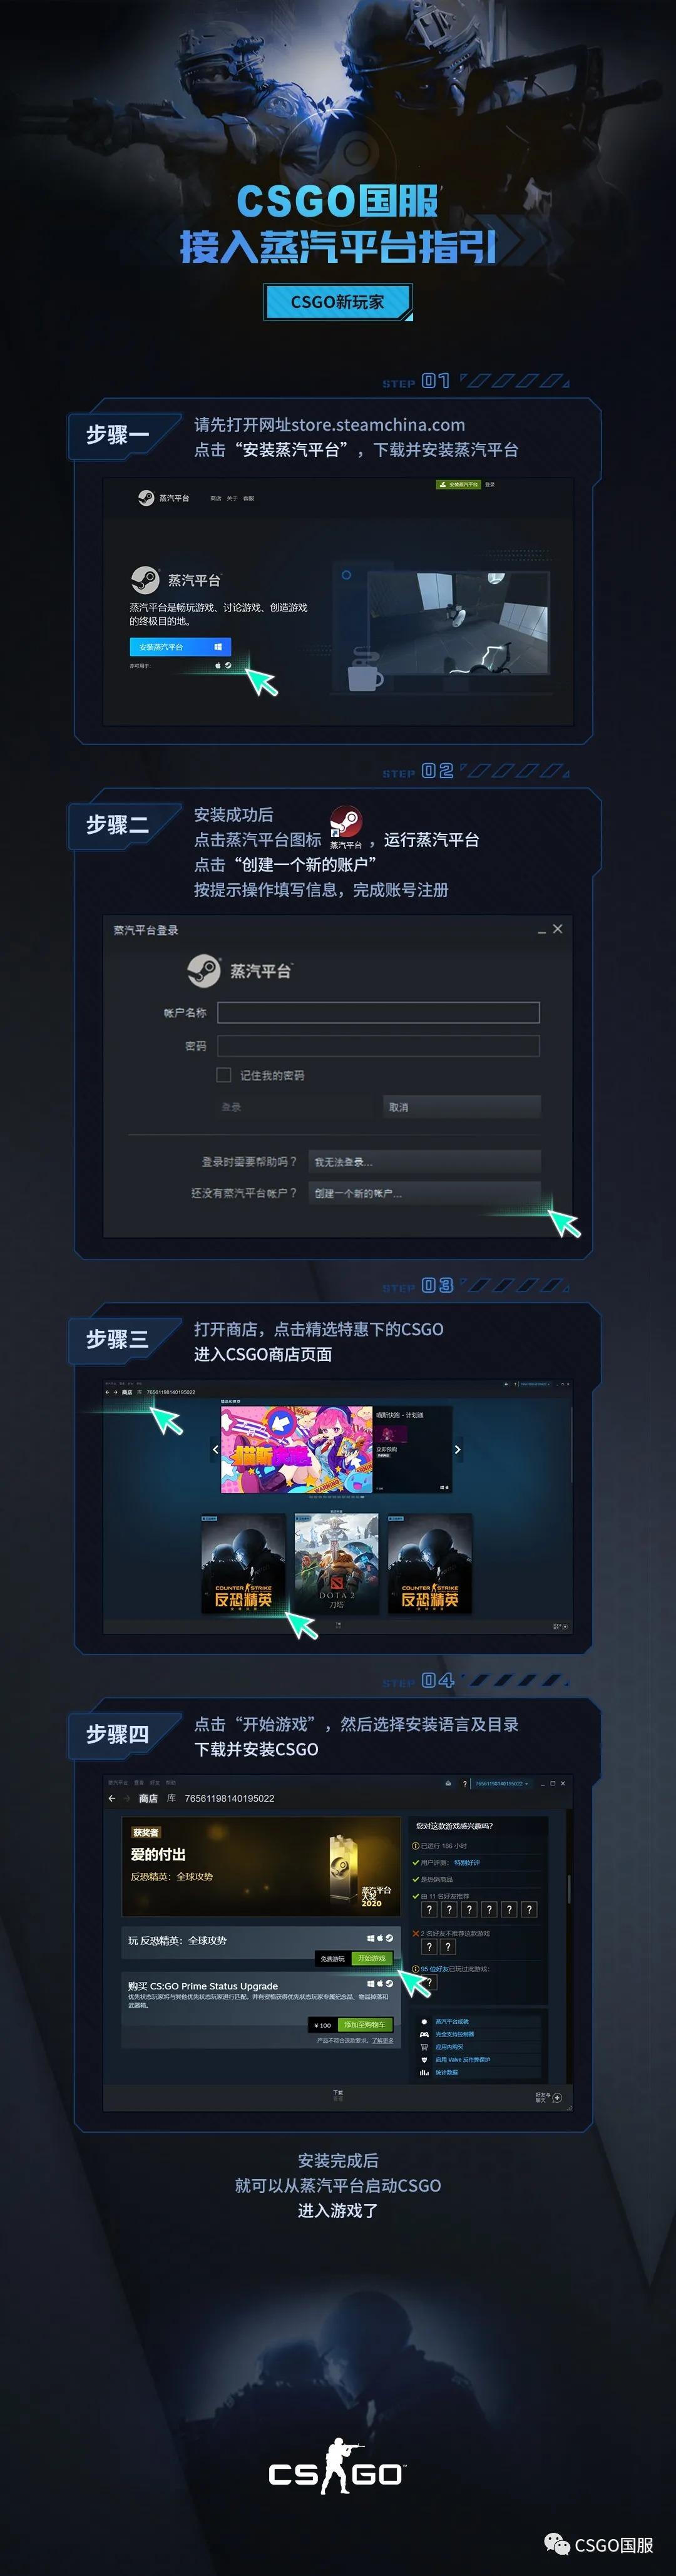 CSGO新玩家使用蒸汽平台